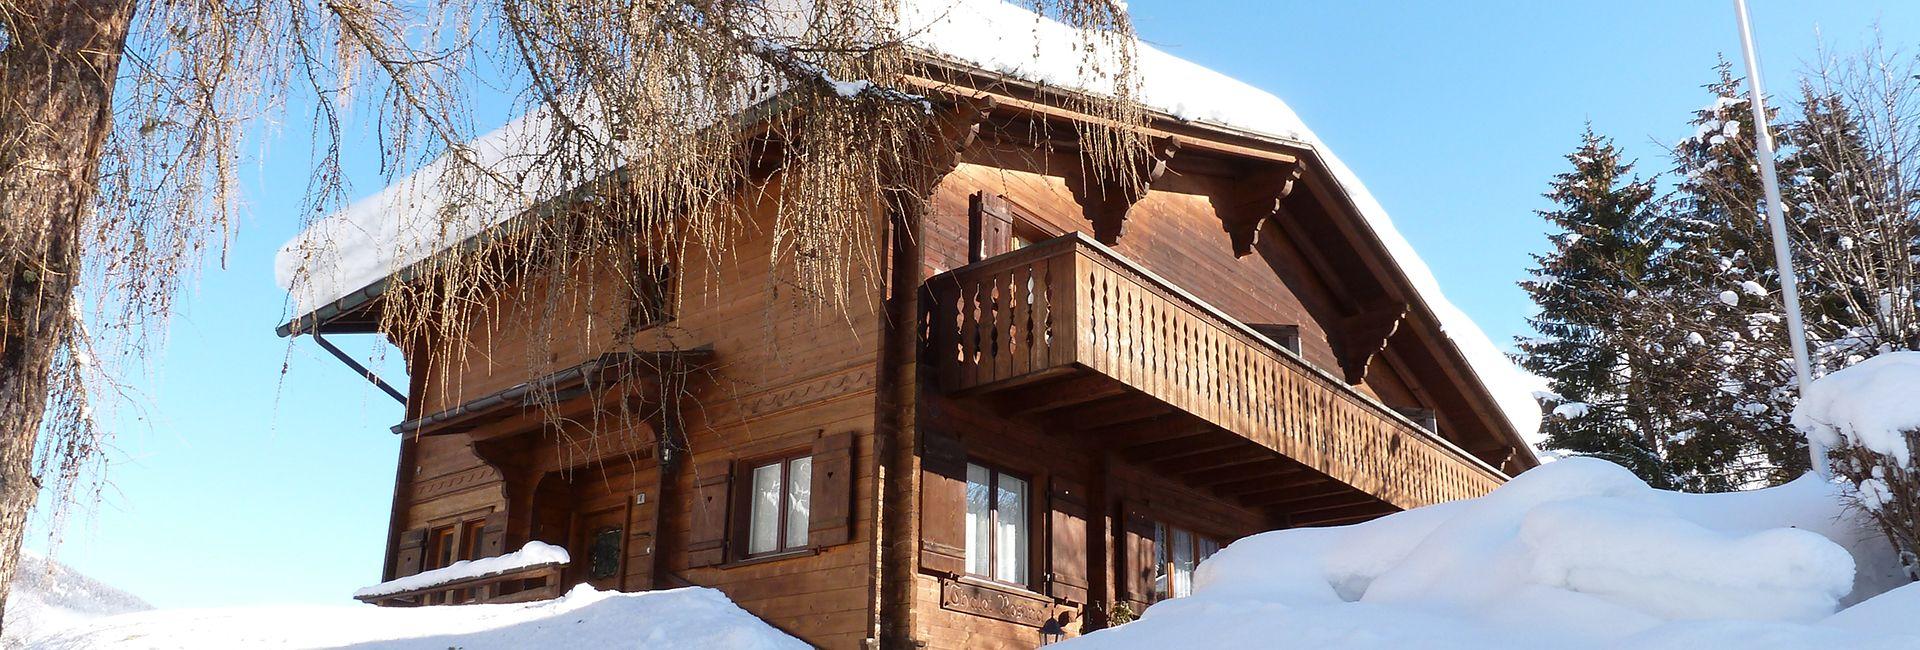 Chalet Rosina Nebengebäude des Hotel Cresta in Flims